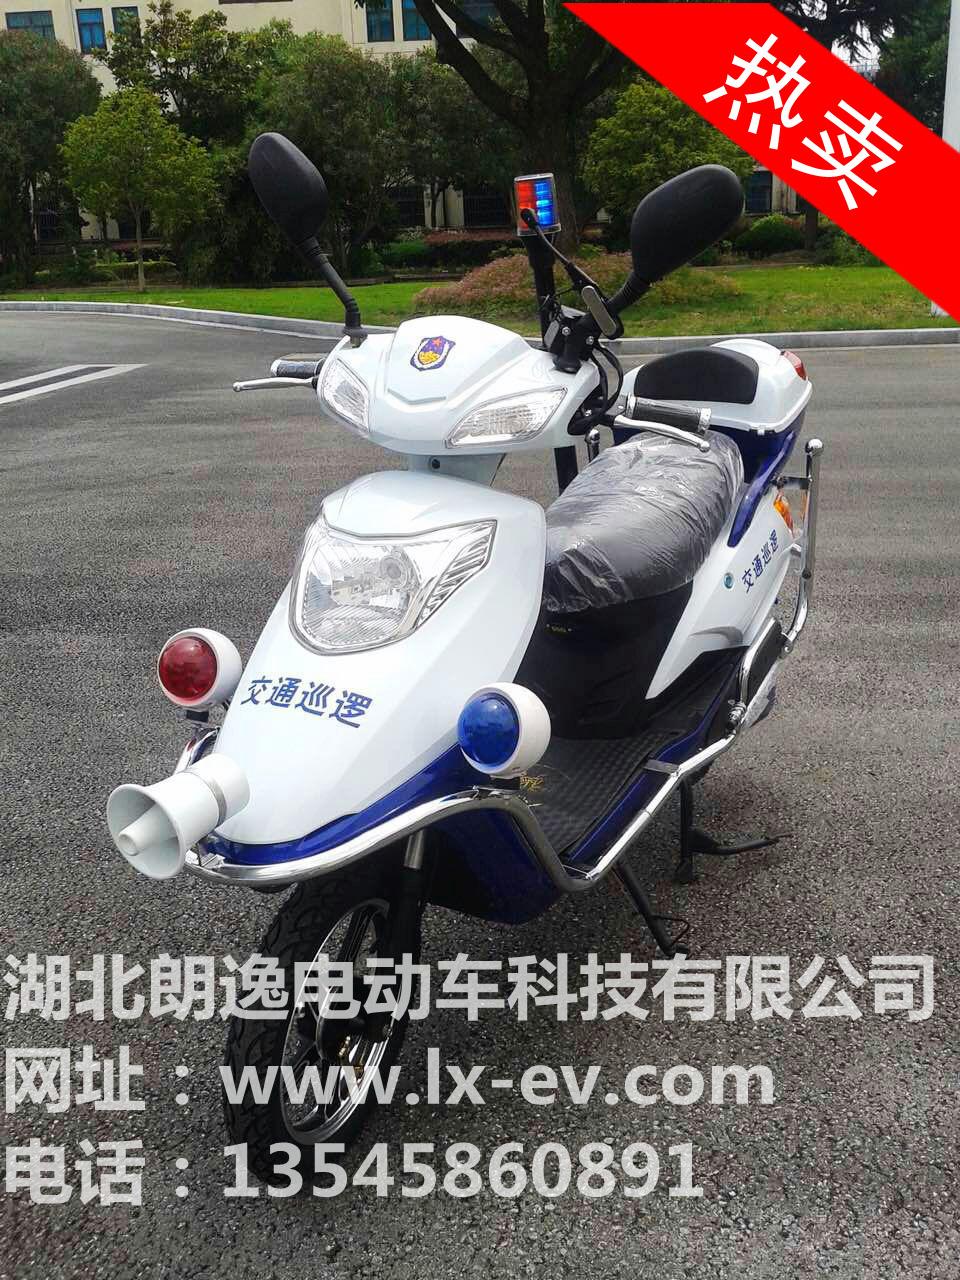 武汉2轮电动巡逻车两轮电动巡逻车参数二轮电动巡逻车价格 2轮电动巡逻车2轮巡逻车